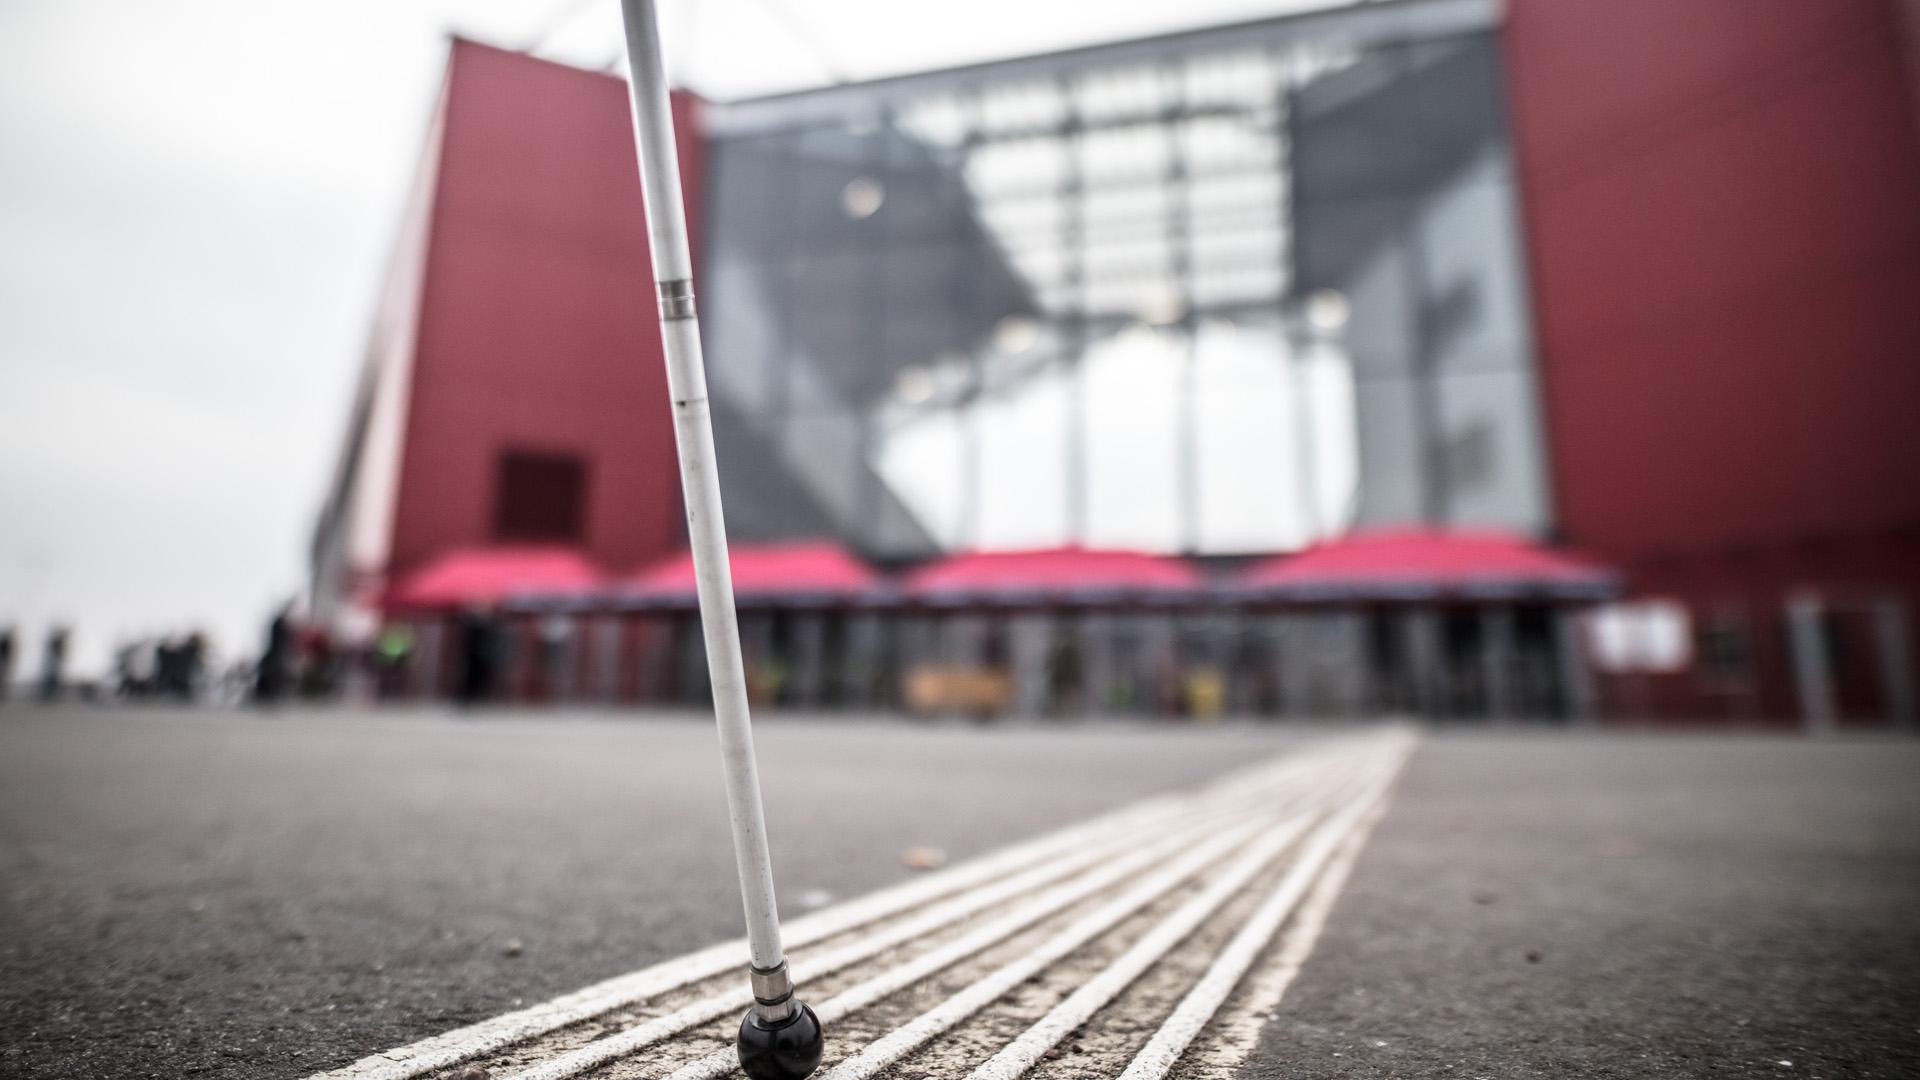 Ein Pendel- beziehungsweise Blindenstock wird von einer Person in der Mitte eines taktilen Führungssystems (Blindenleitsystems) geführt. Dieses führt direkt auf die Mainzer OPEL ARENA zu, die im Hintergrund leicht unscharf zu erkennen ist.